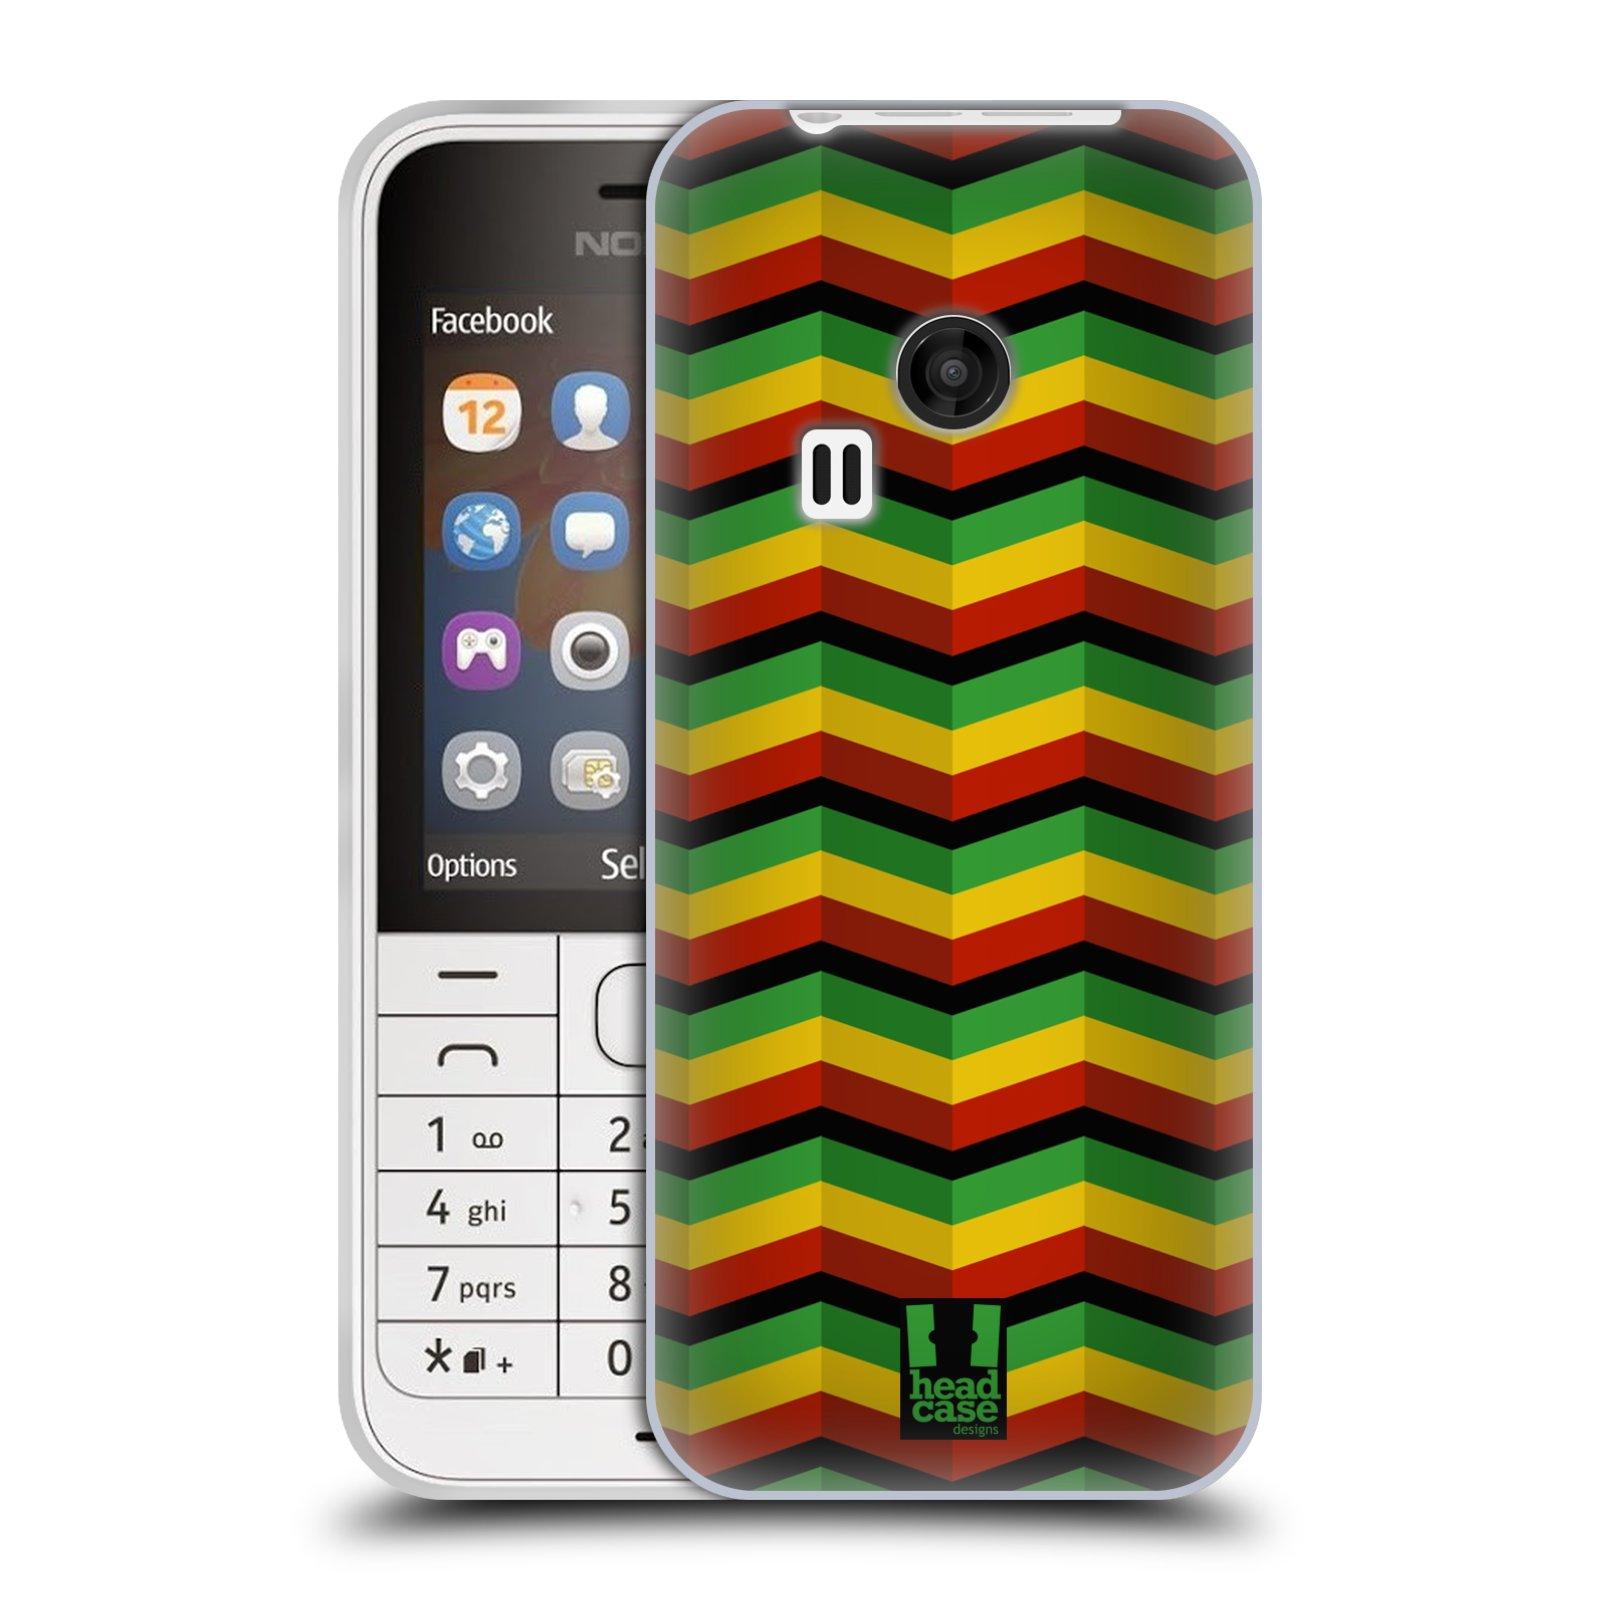 Silikonové pouzdro na mobil Nokia 220 HEAD CASE RASTA CHEVRON (Silikonový kryt či obal na mobilní telefon Nokia 220 a 220 Dual SIM)